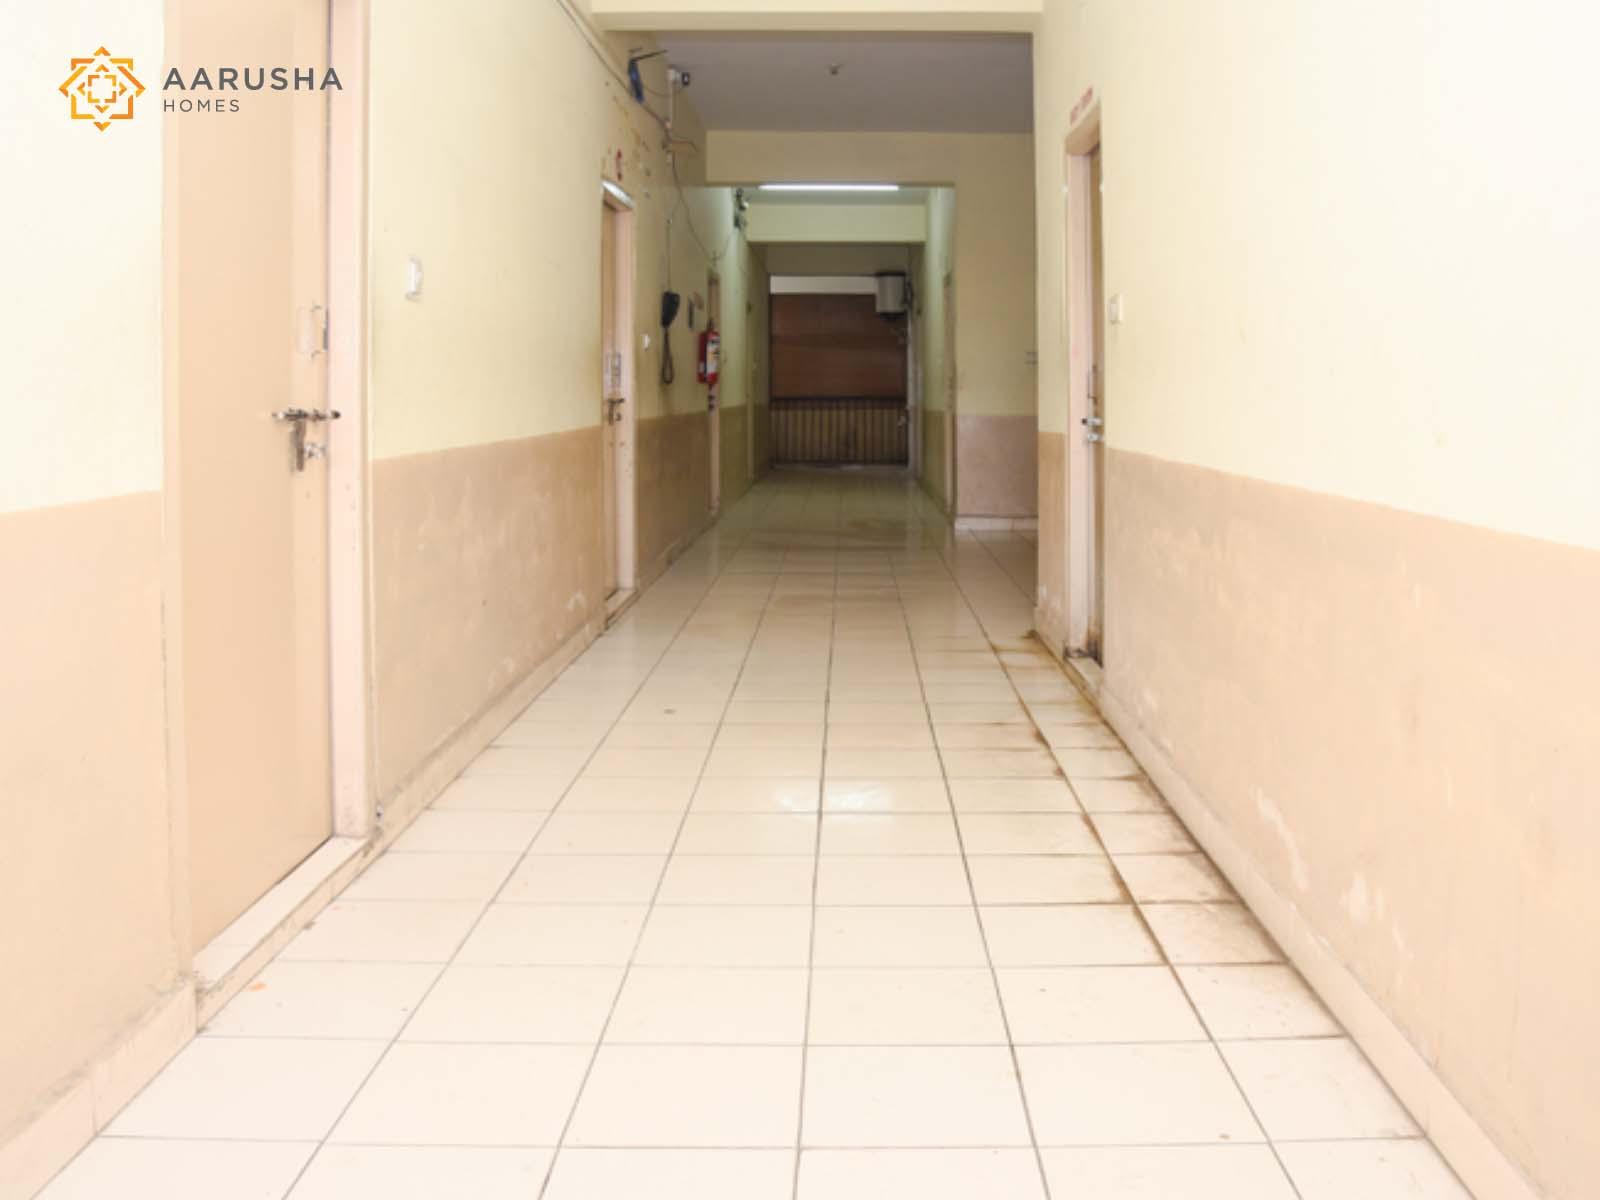 PG & Hostel For Men In Ameerpet